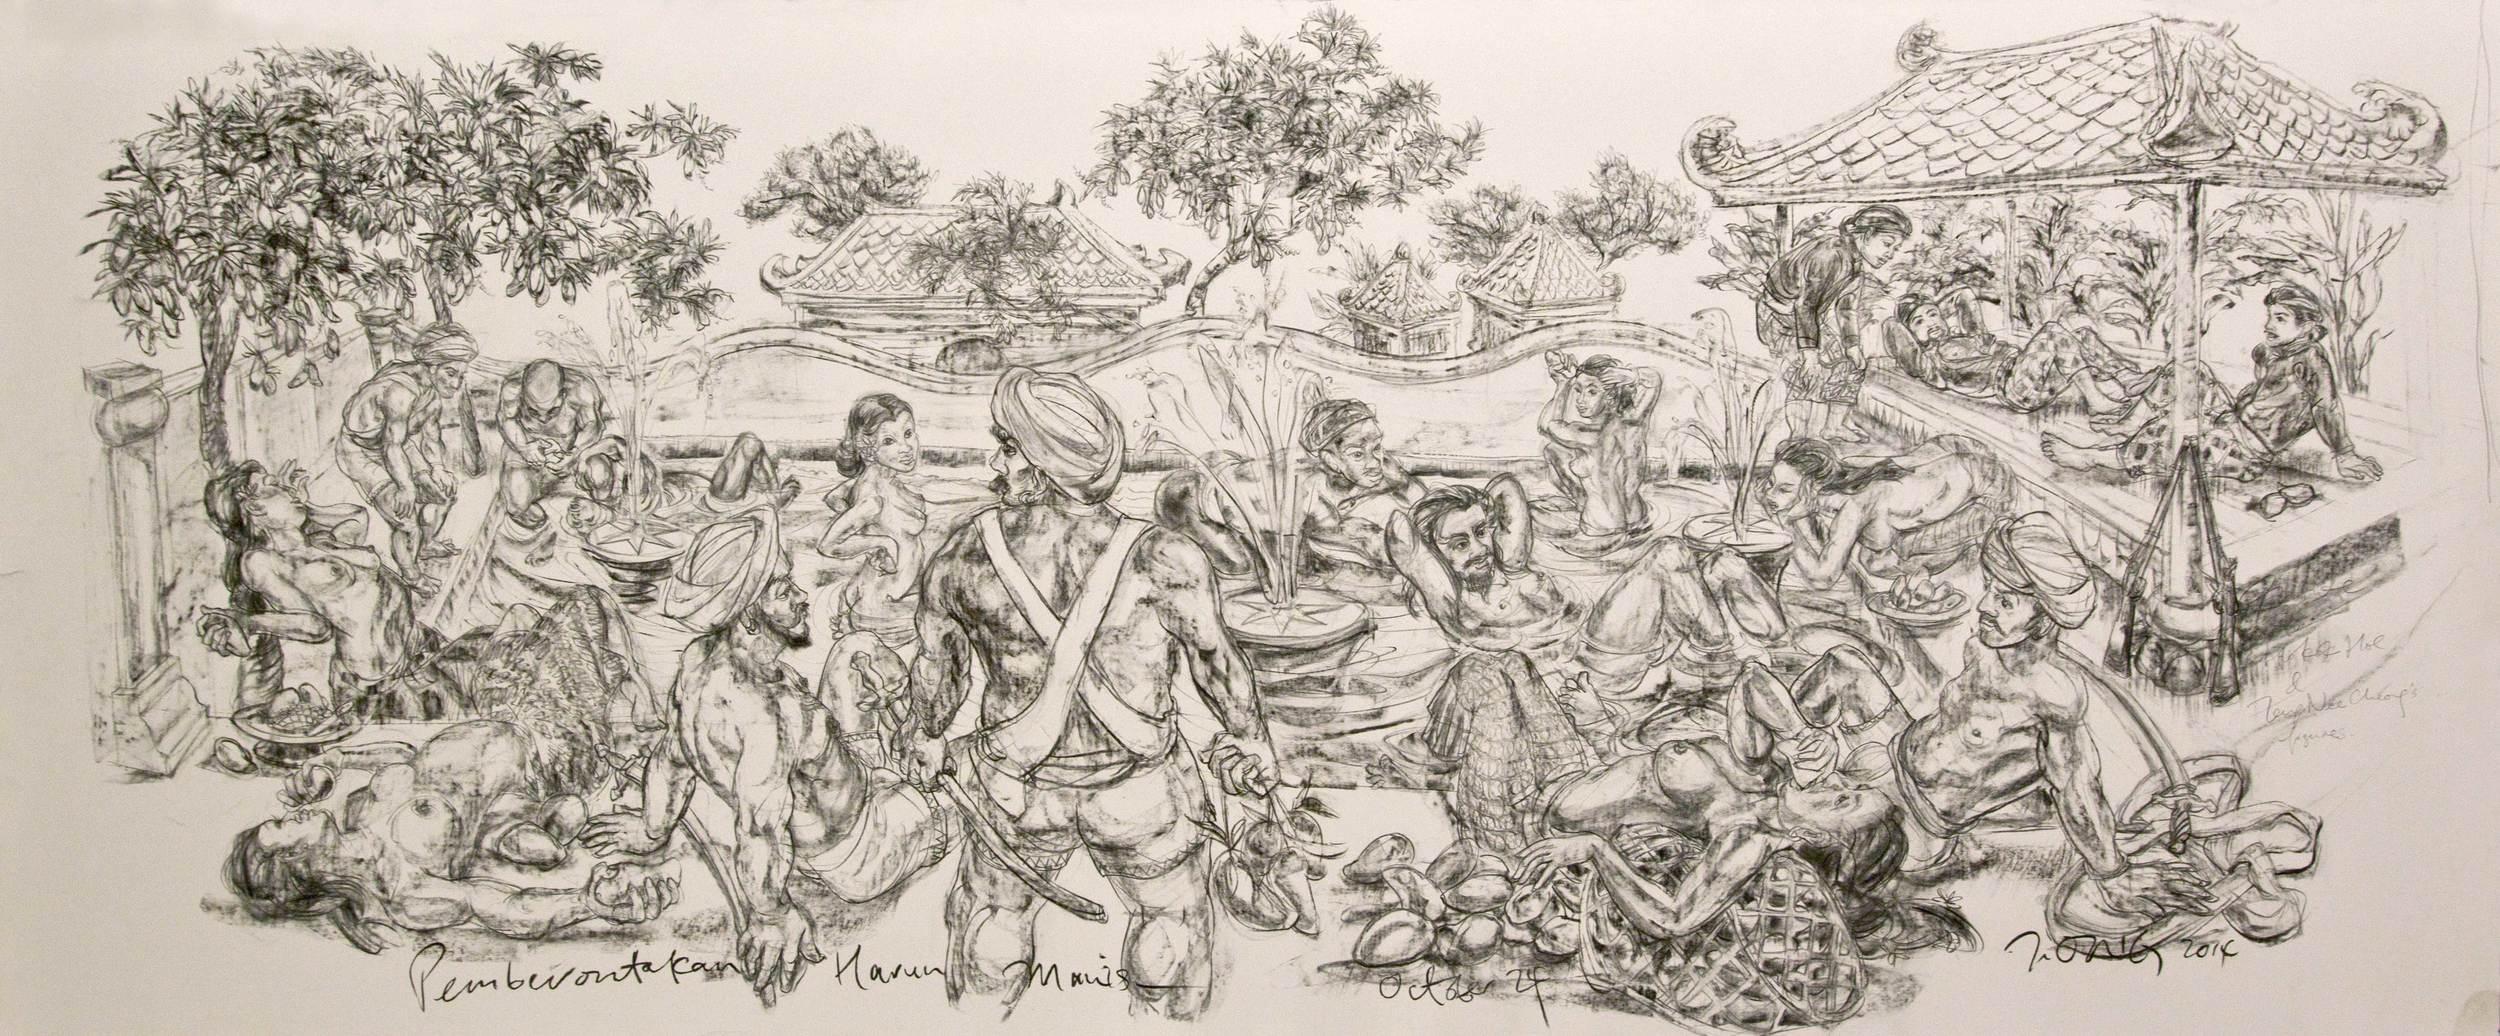 Pemberontakan Harun Manis  2014 Charcoal on paper 128.5 x 293.5 cm (paper)